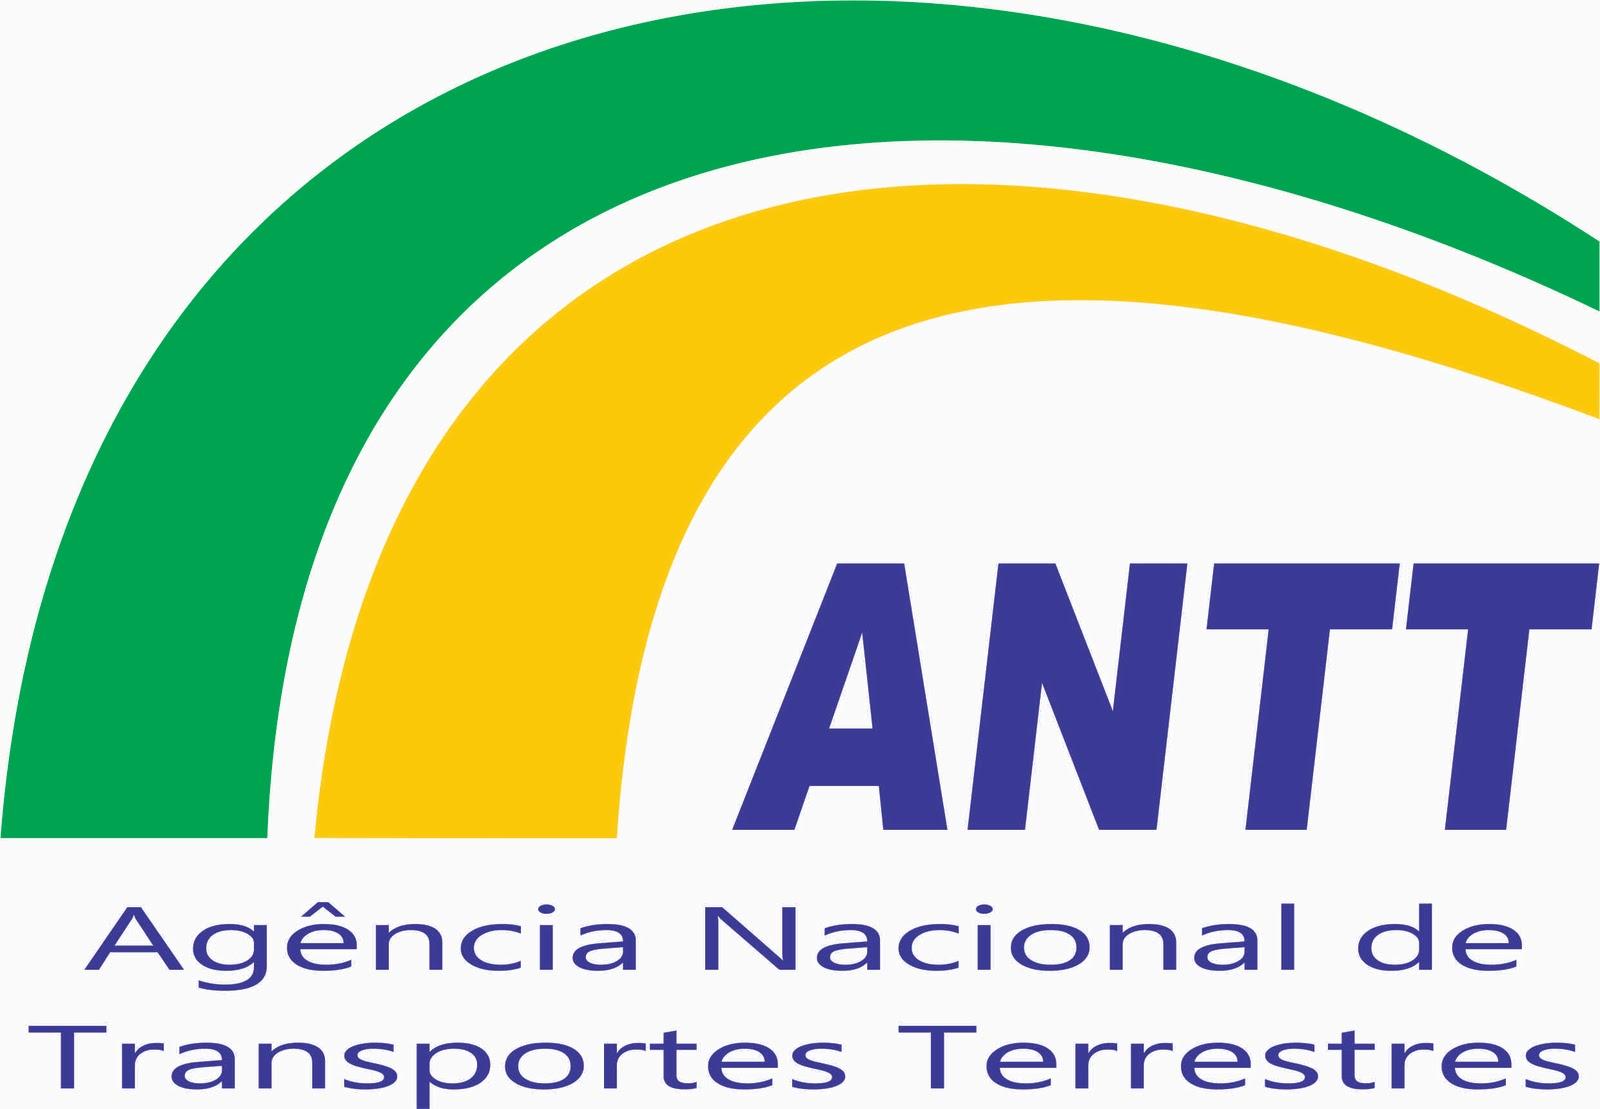 ANTT - Agência solicita novo concurso para 670 vagas!